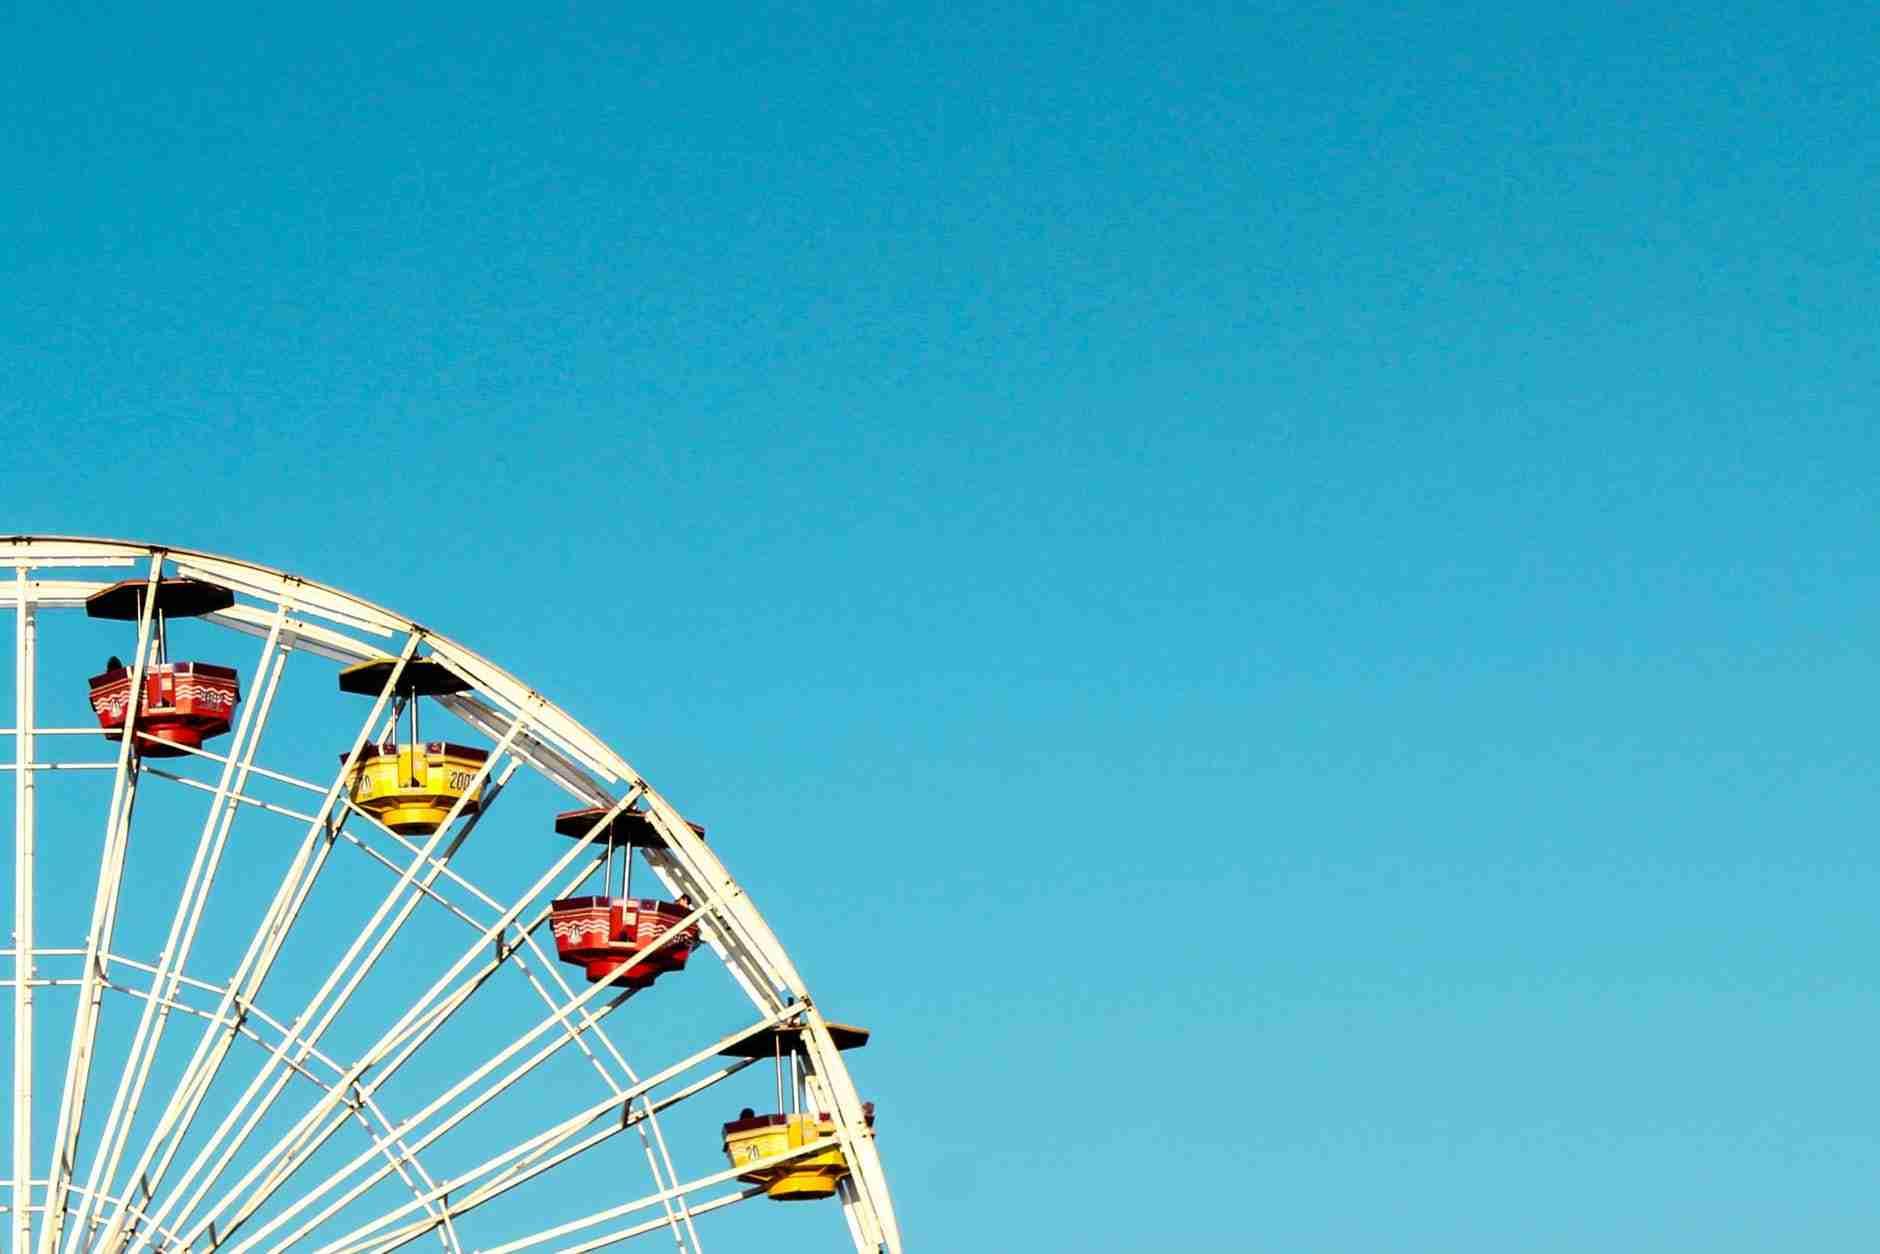 date ideas to help you bond: Feris wheel in sunshine.